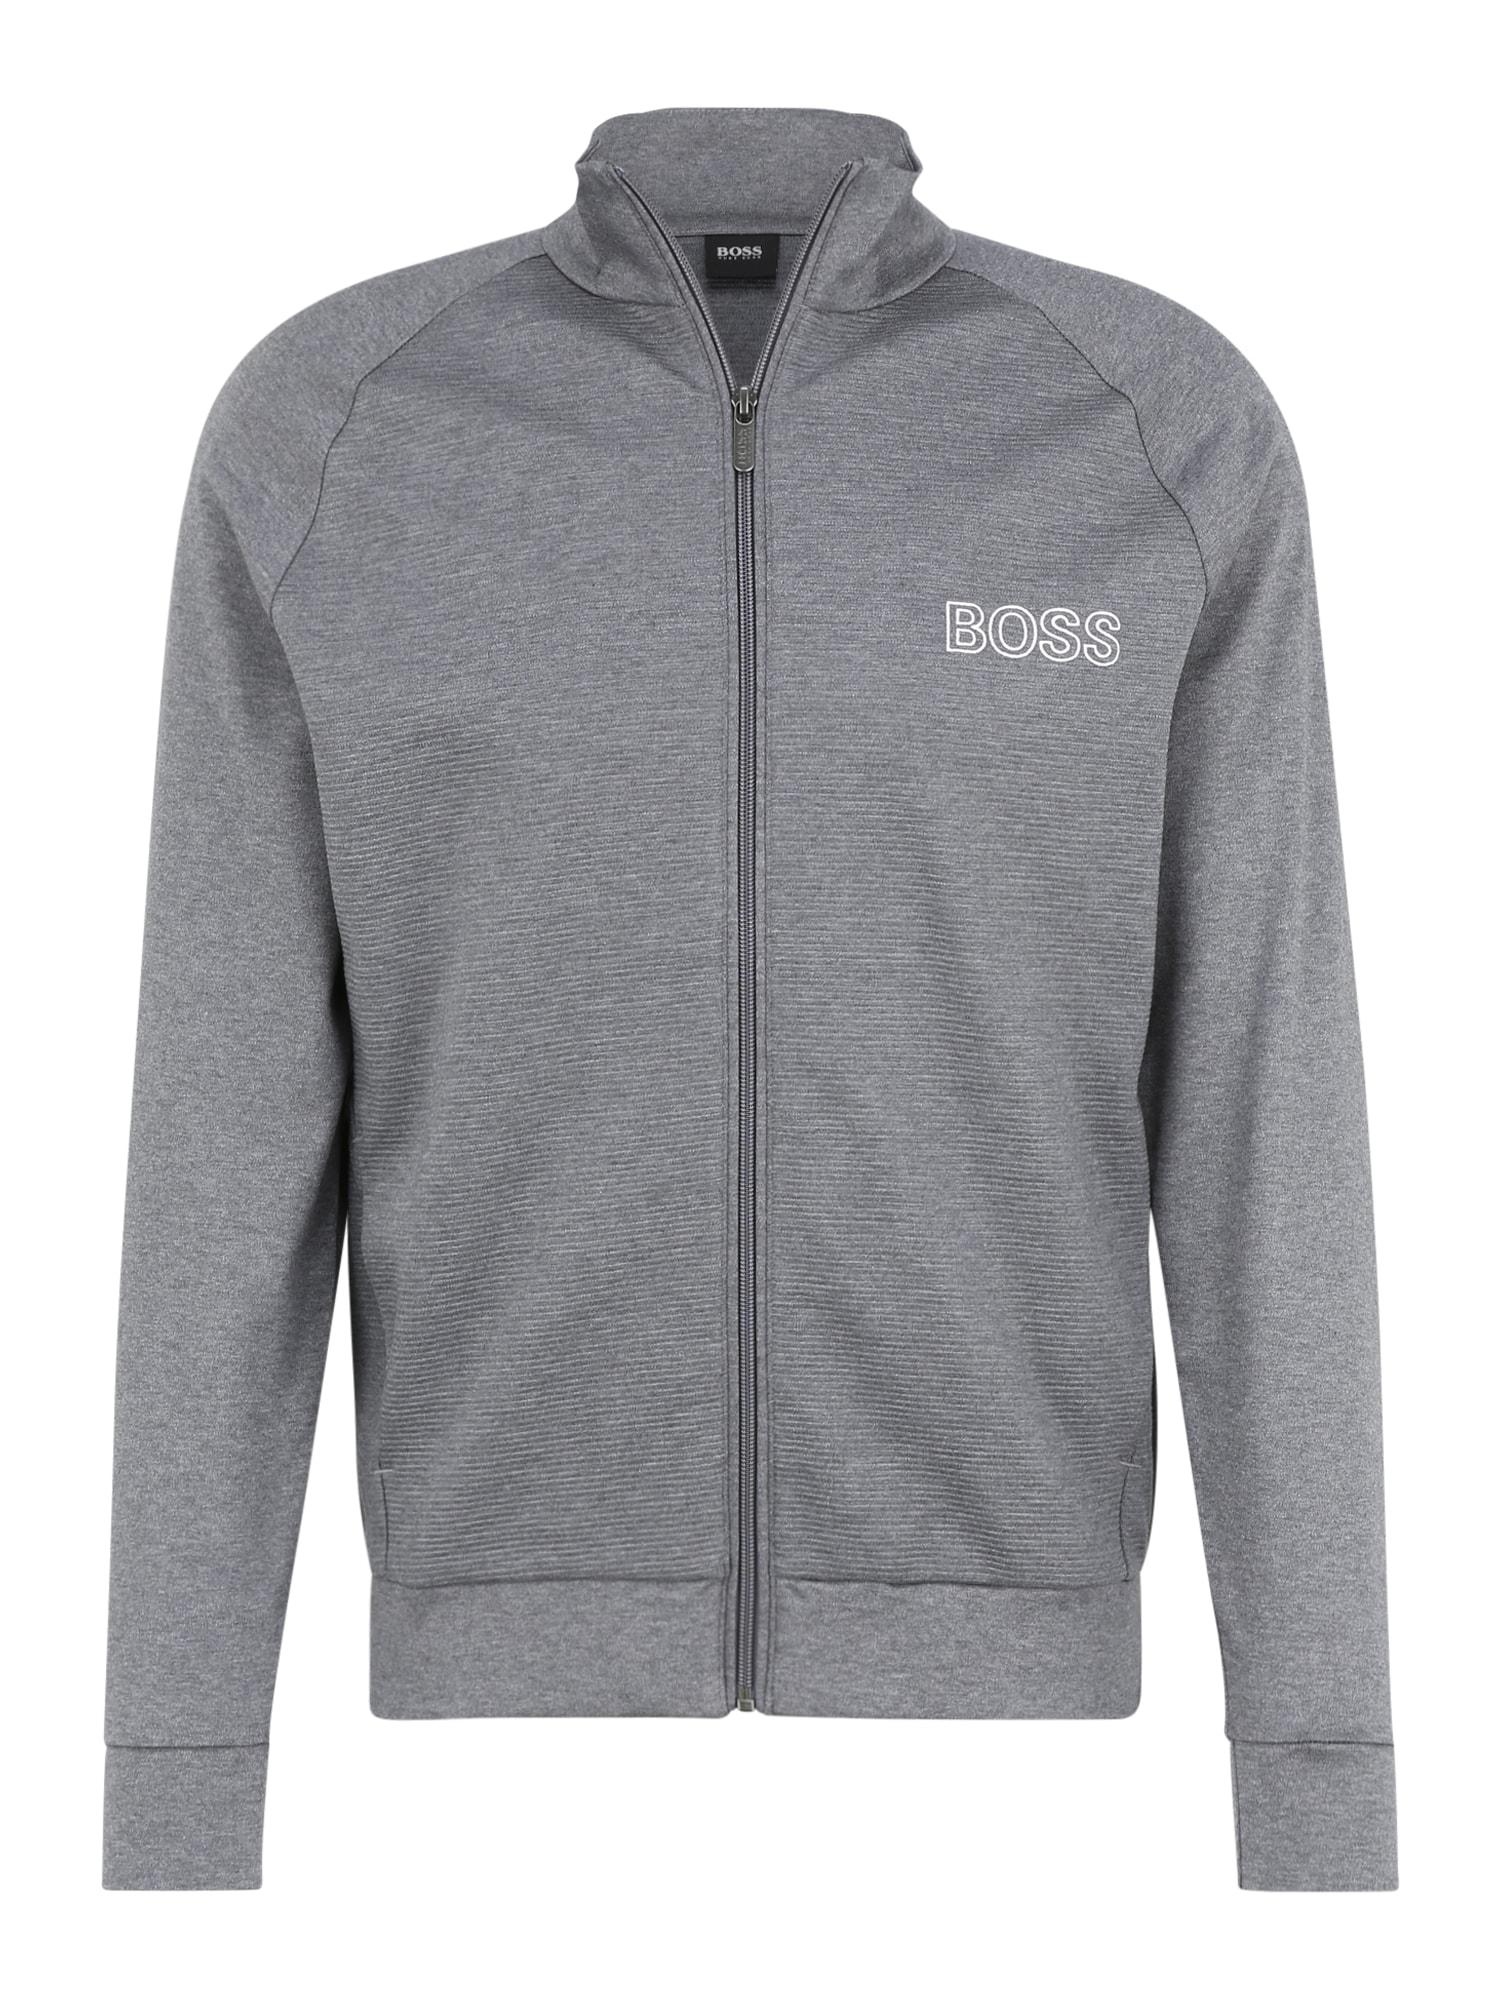 BOSS Džemperis margai pilka